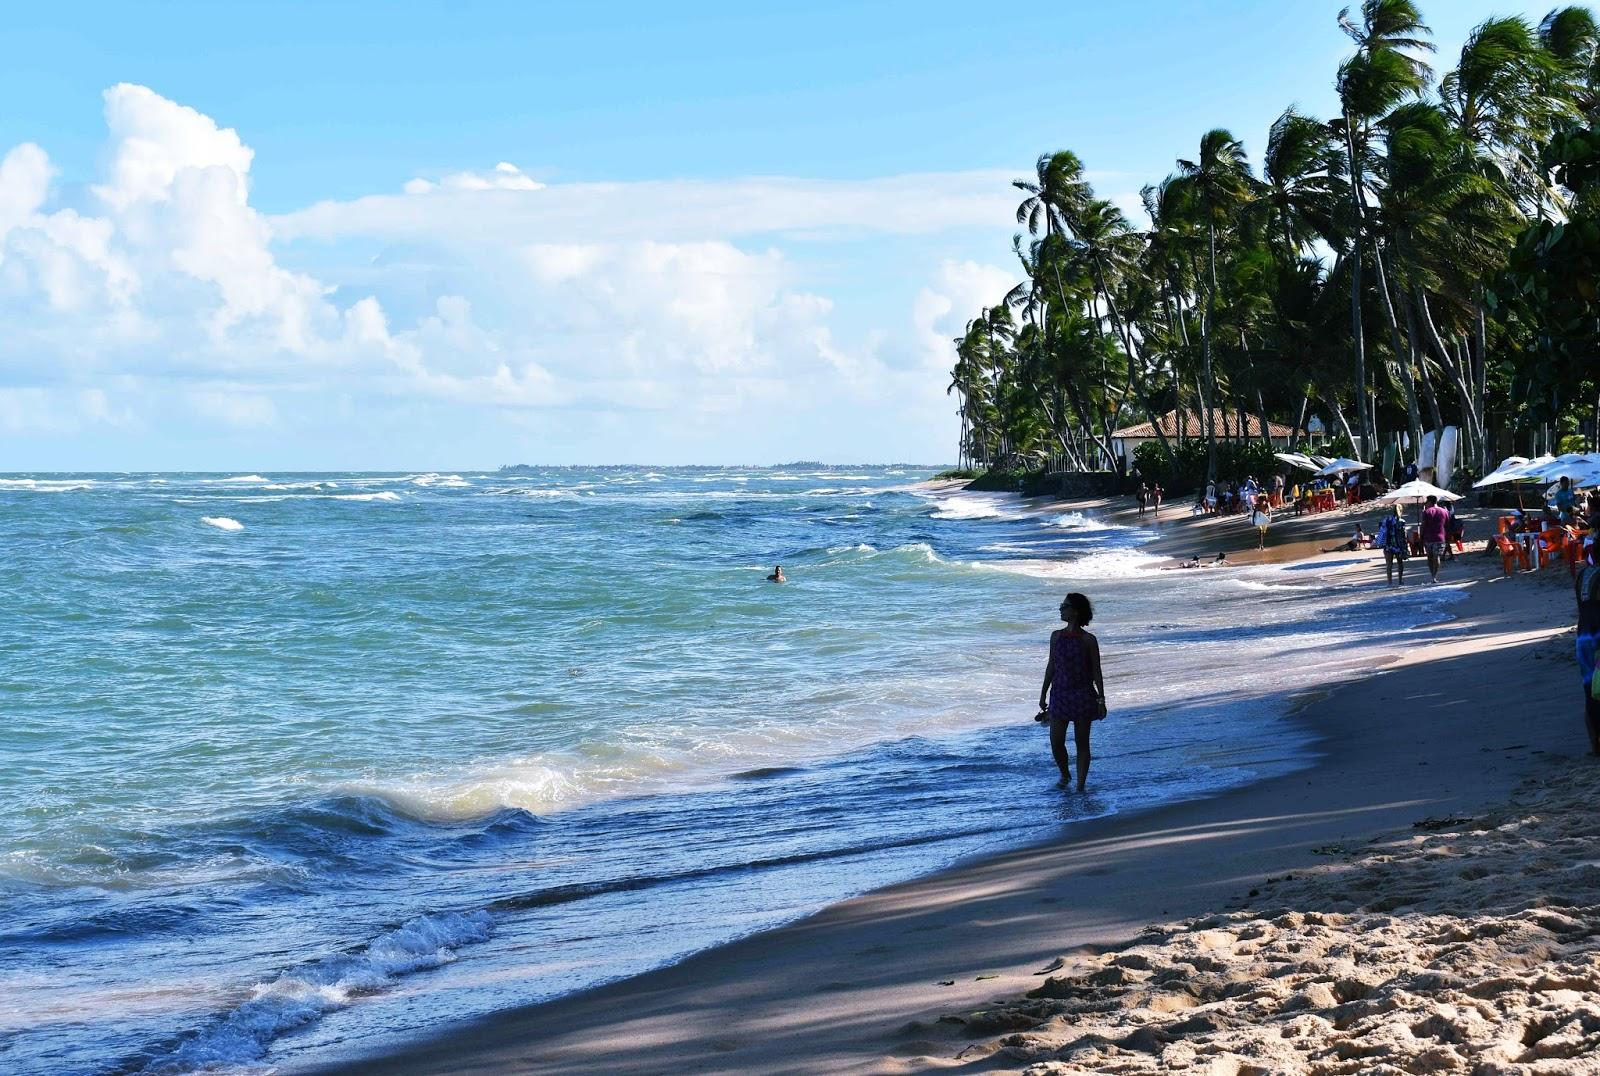 Passeio de Salvador a Praia do Forte